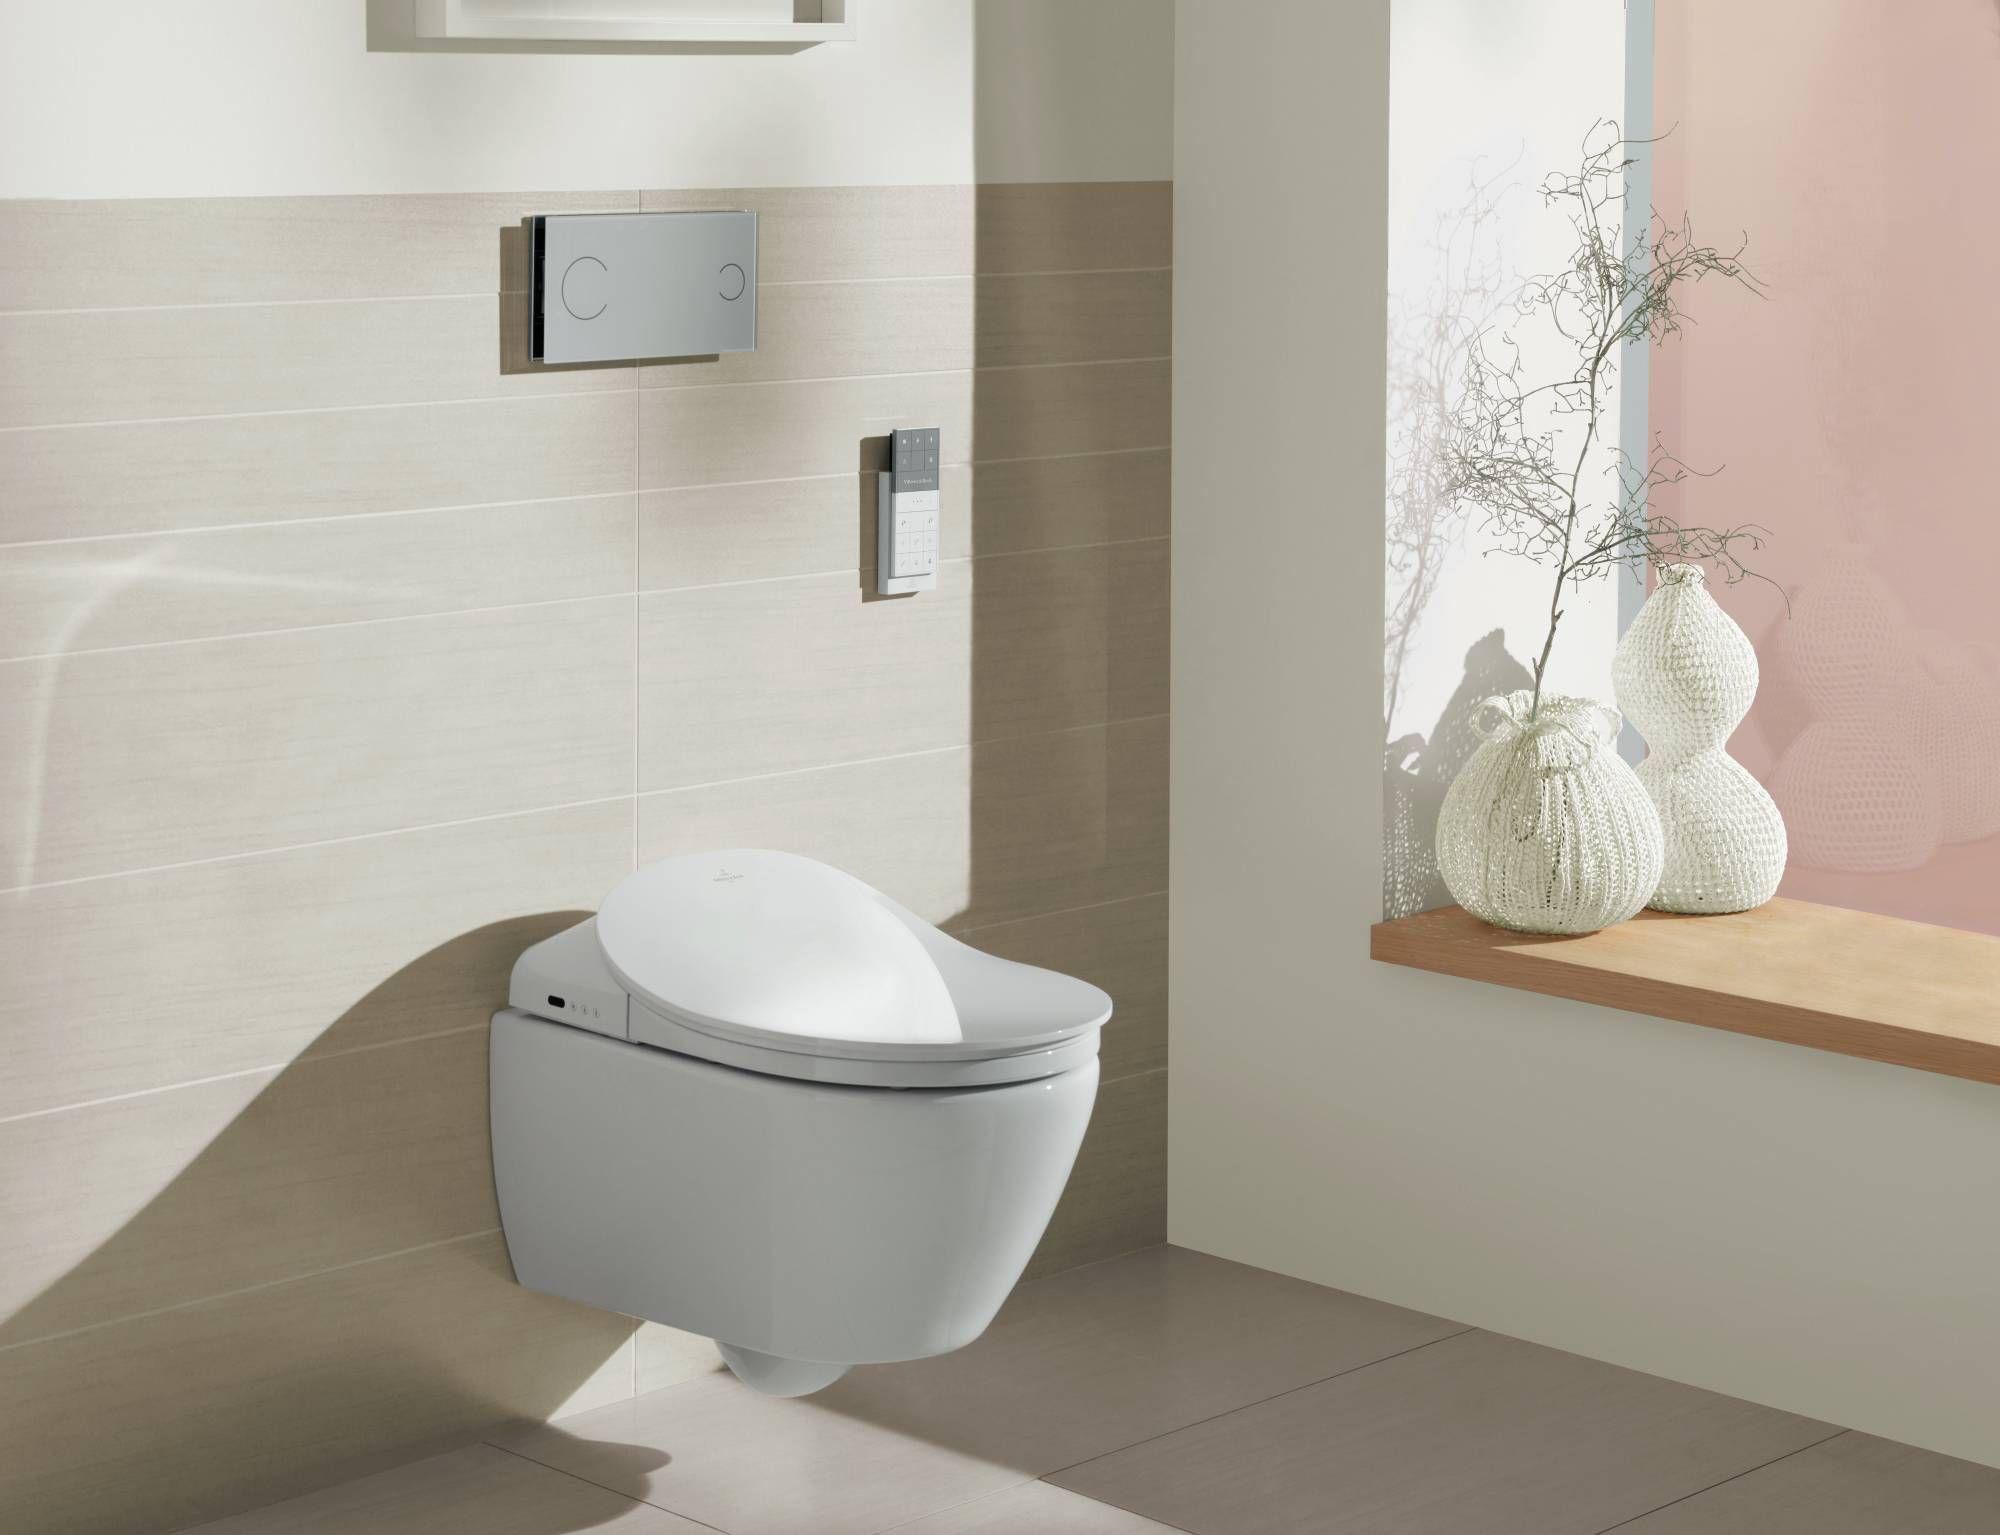 Miaoge amerikaner spiegel vordere lampe led wc bad frisiertisch